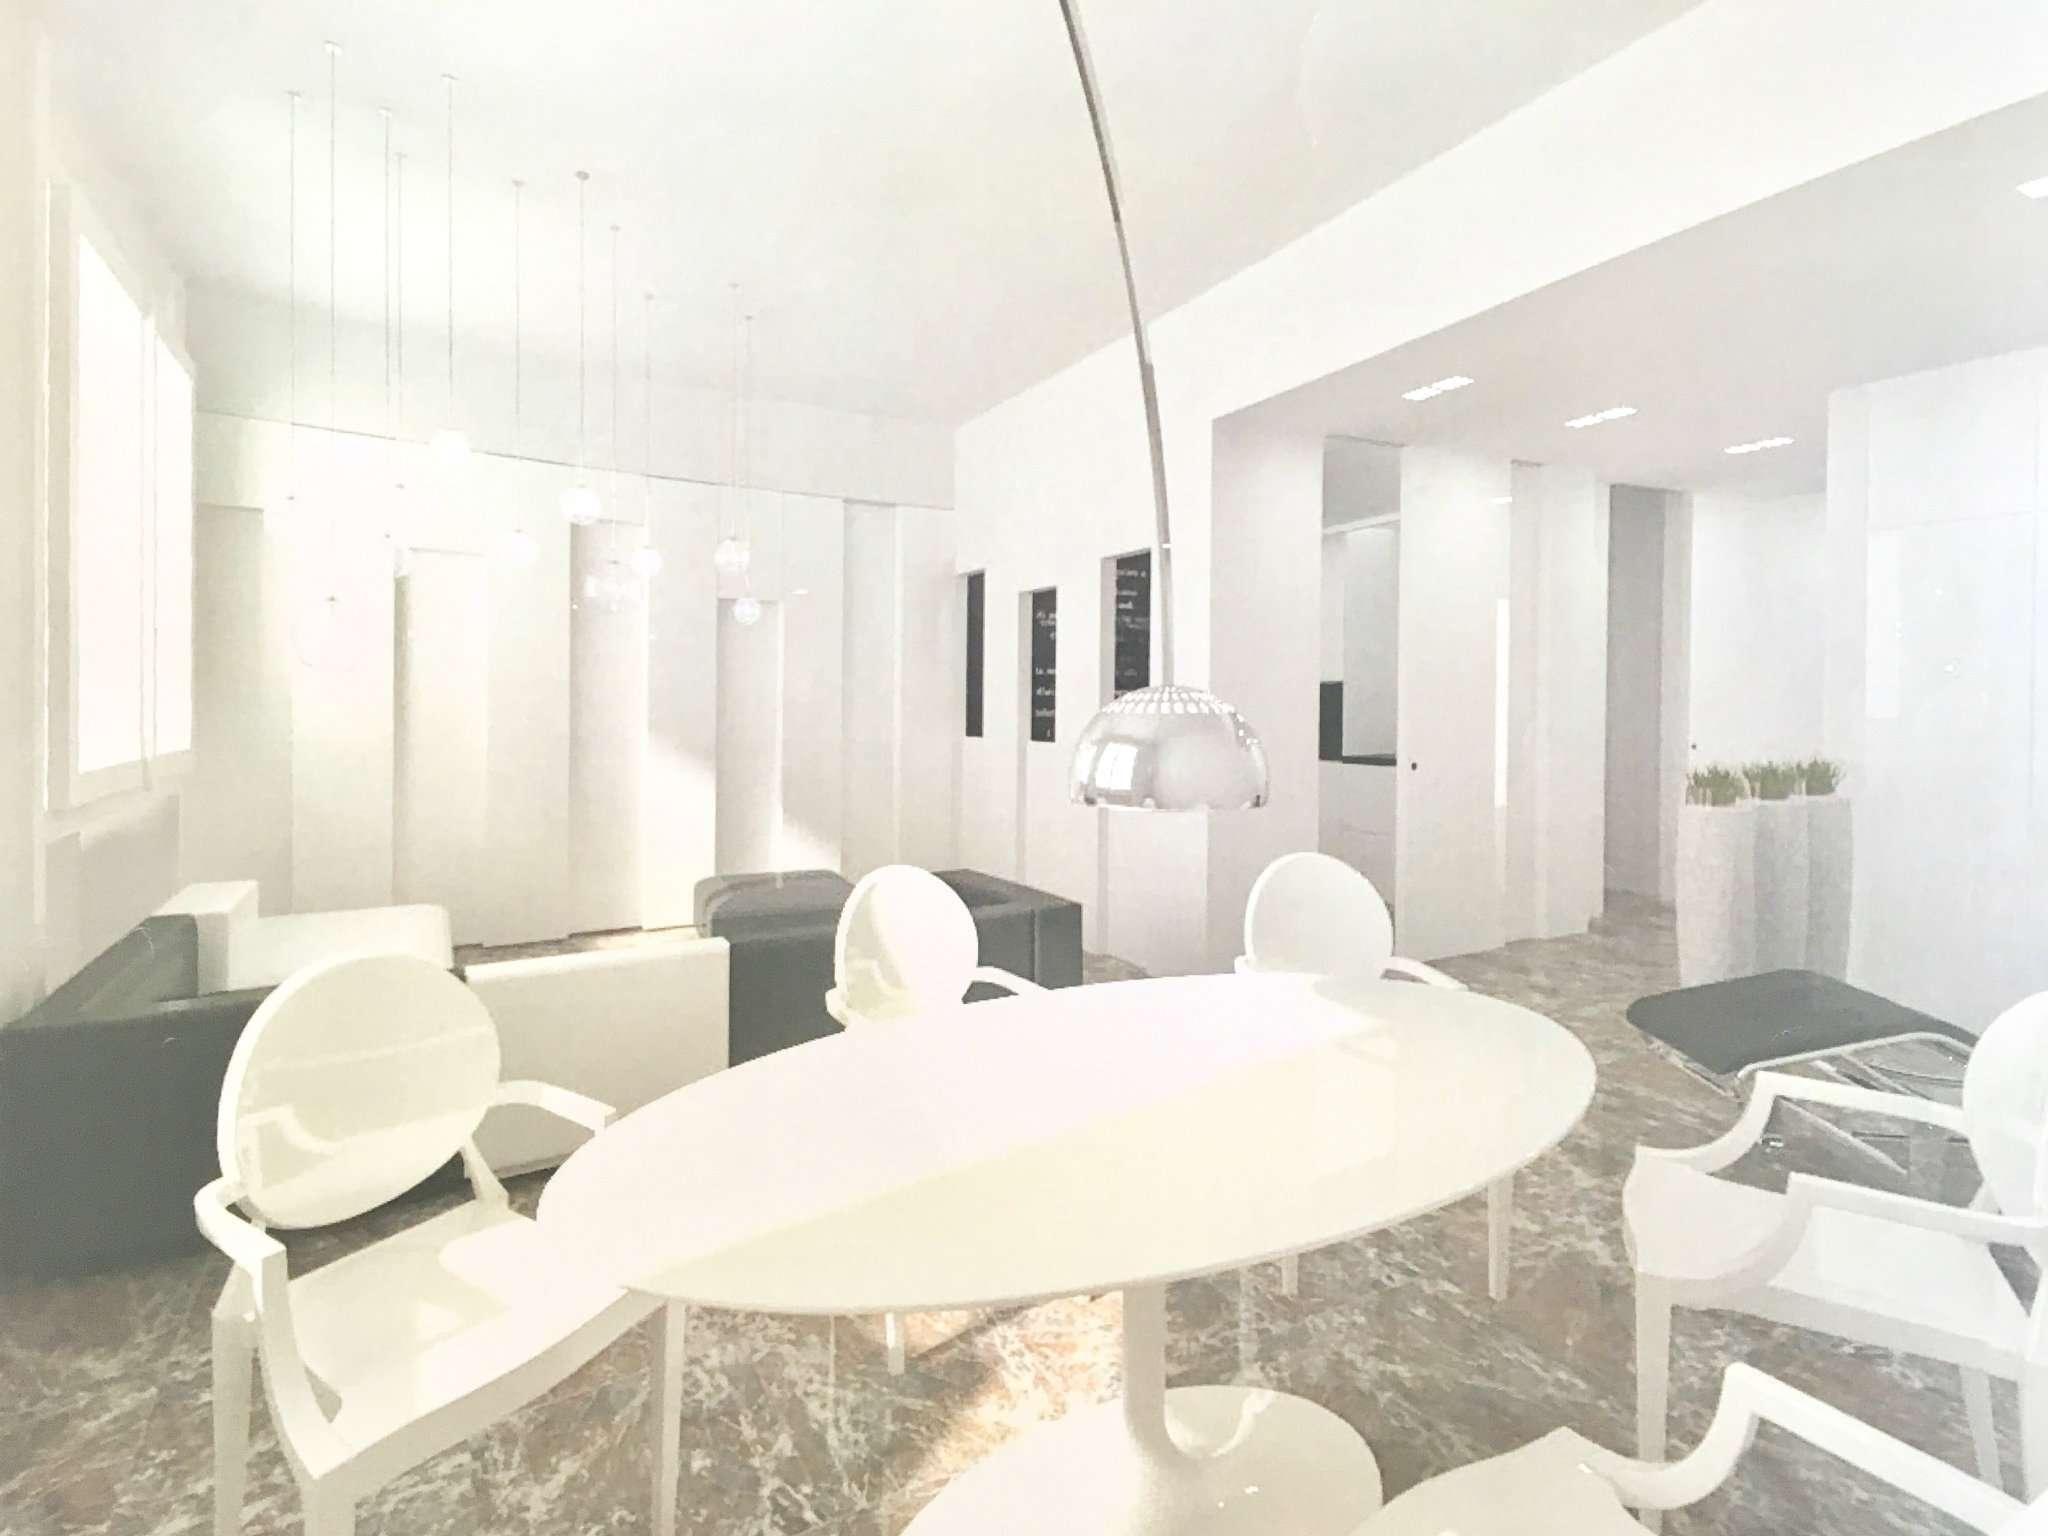 Appartamento di lusso in vendita a milano via boccaccio for Vendita immobili di lusso milano